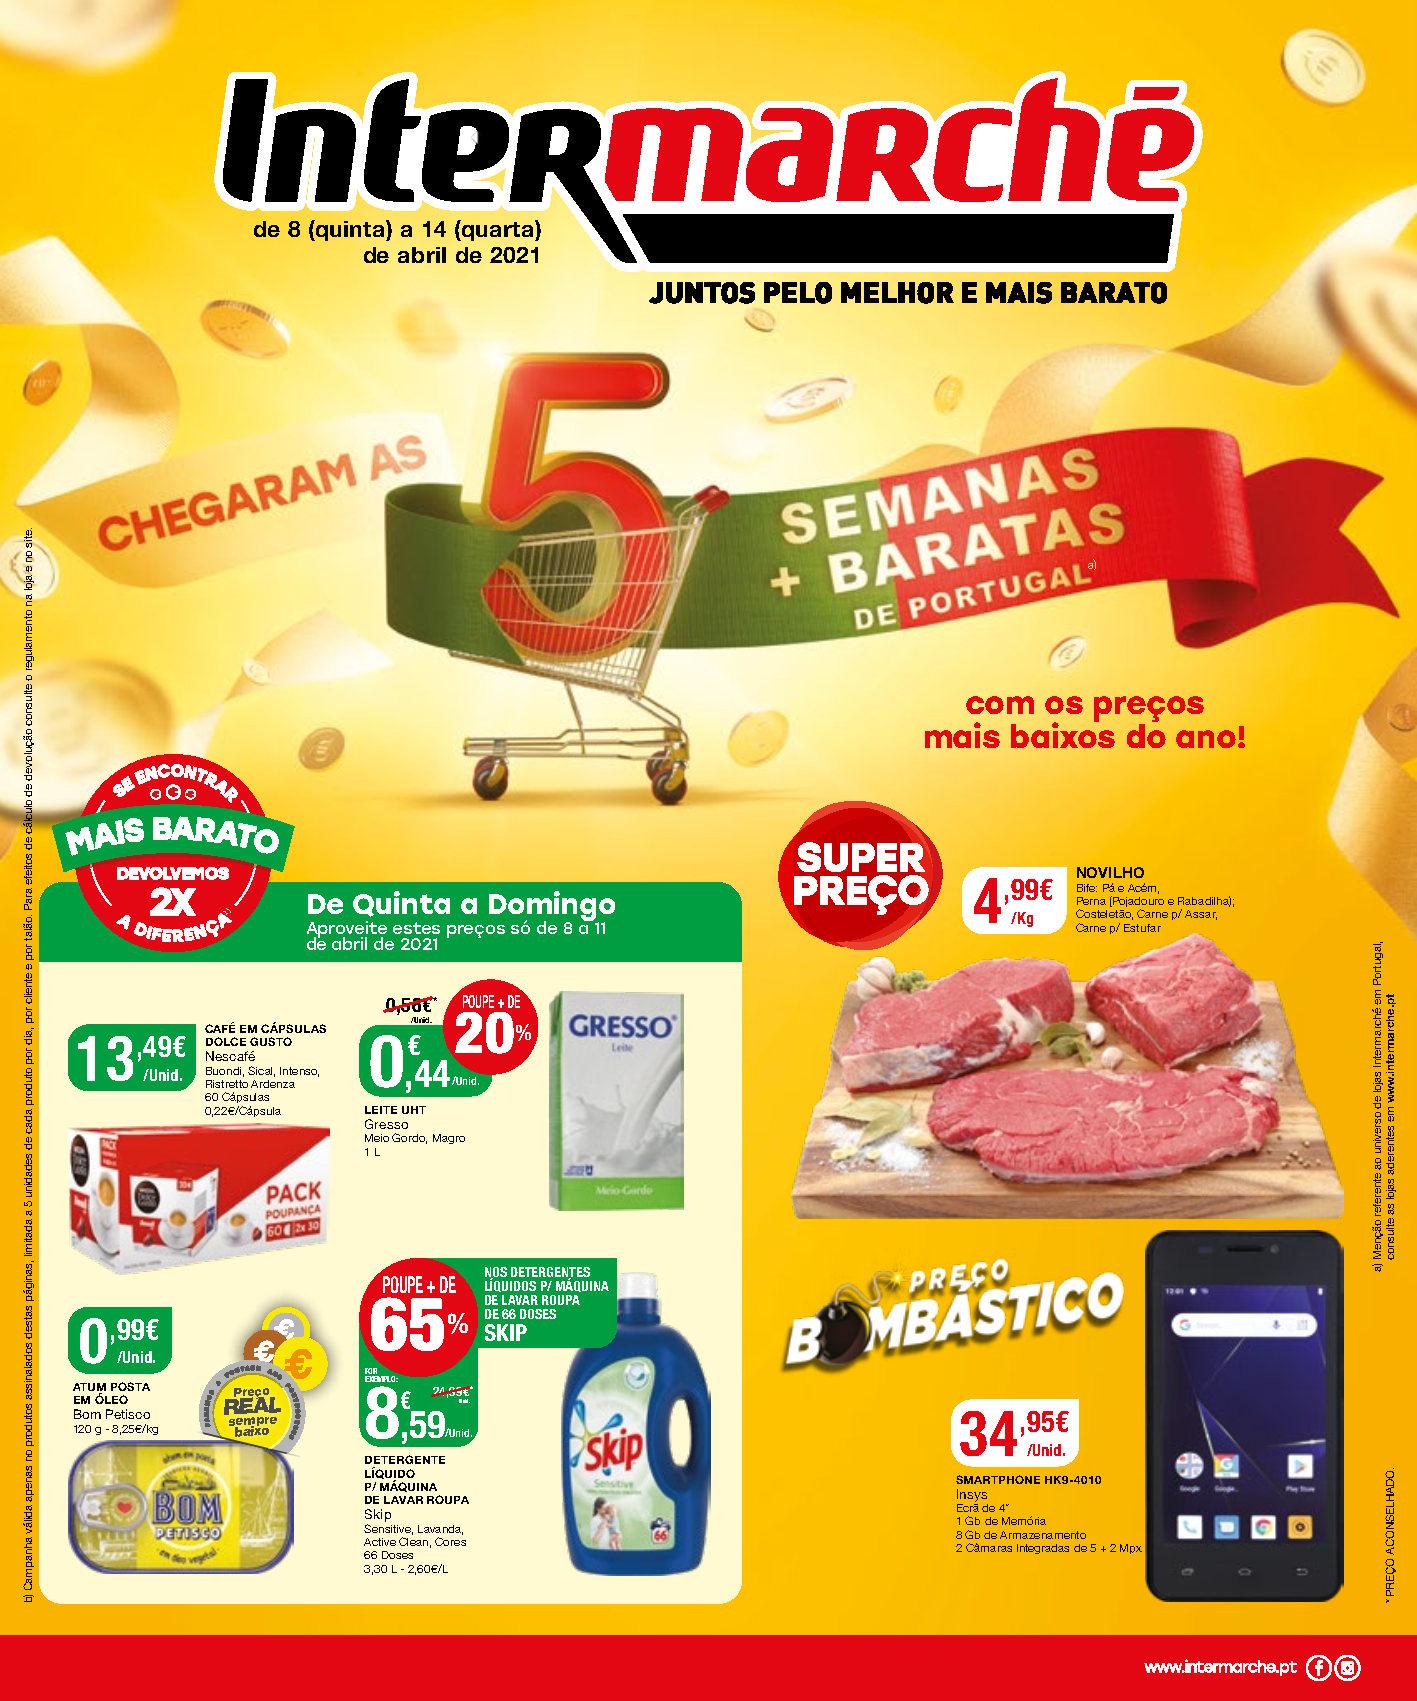 intermarche folheto 8 14 abril promocoes Page1 1